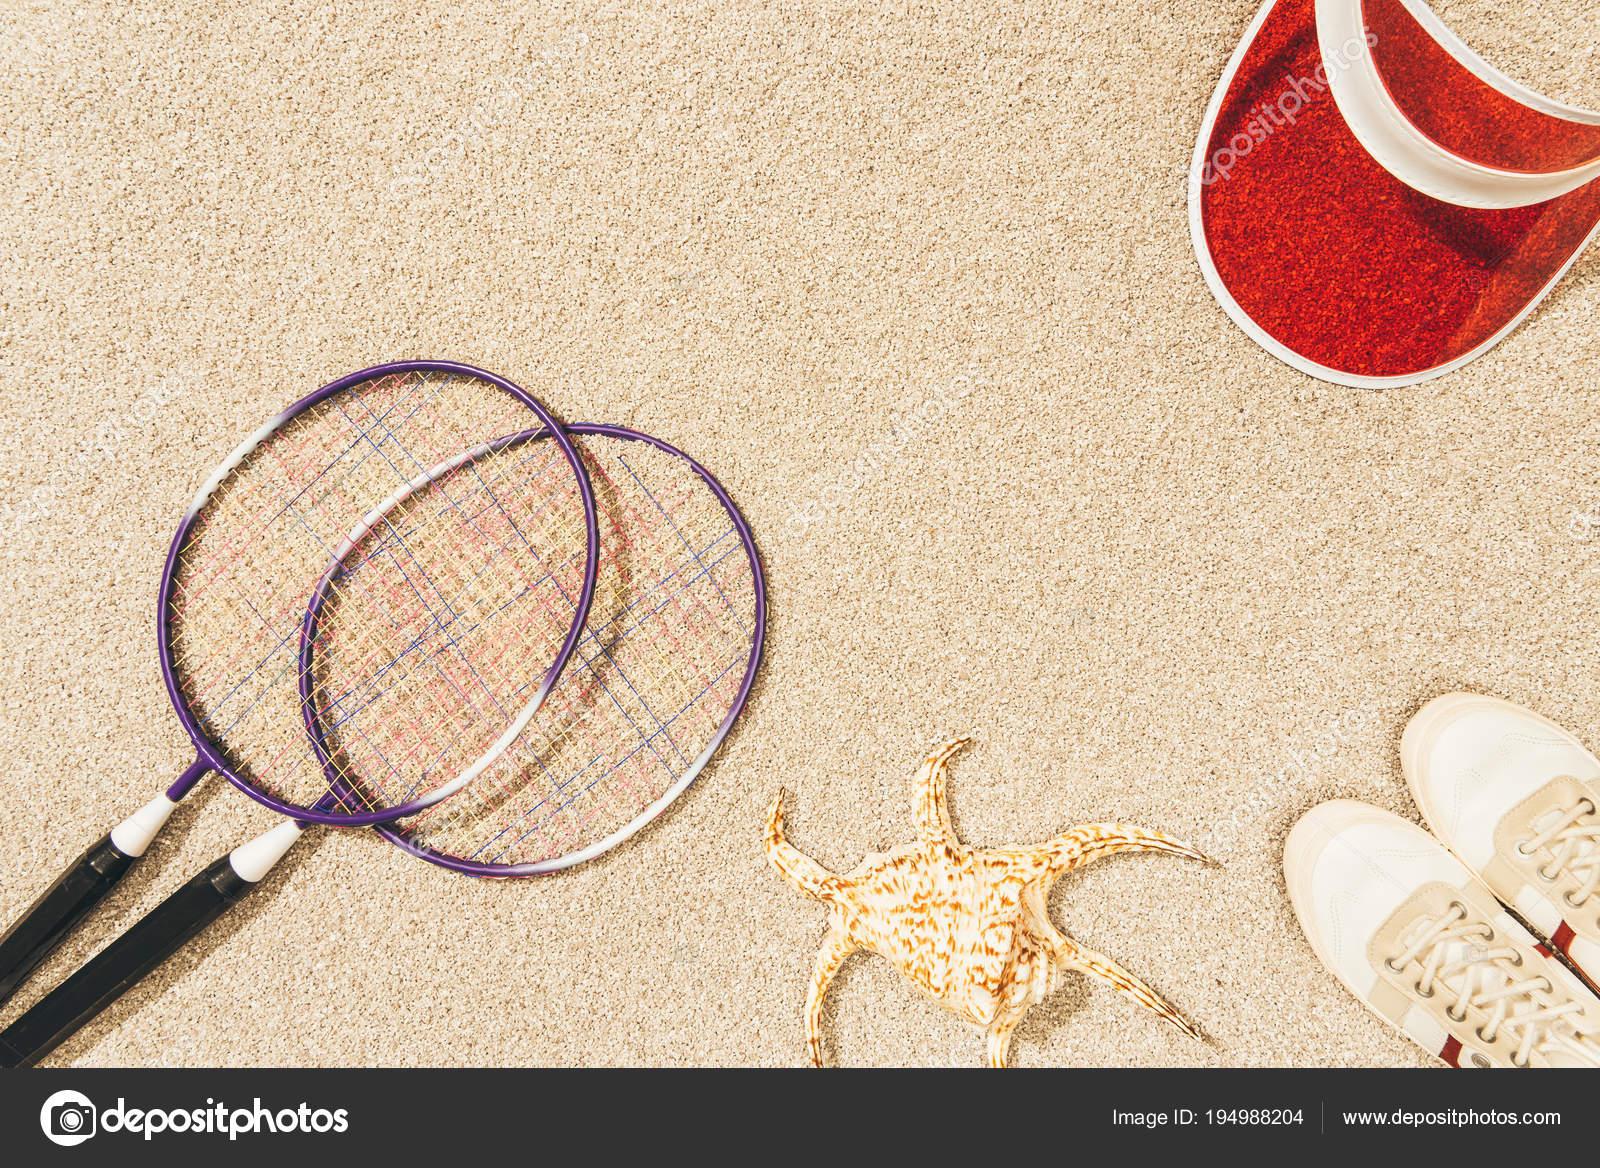 Ovanifrån Arrangemang Badminton Utrustning Mössa Och Skor Sand — Stockfoto 1fe5898014dc6